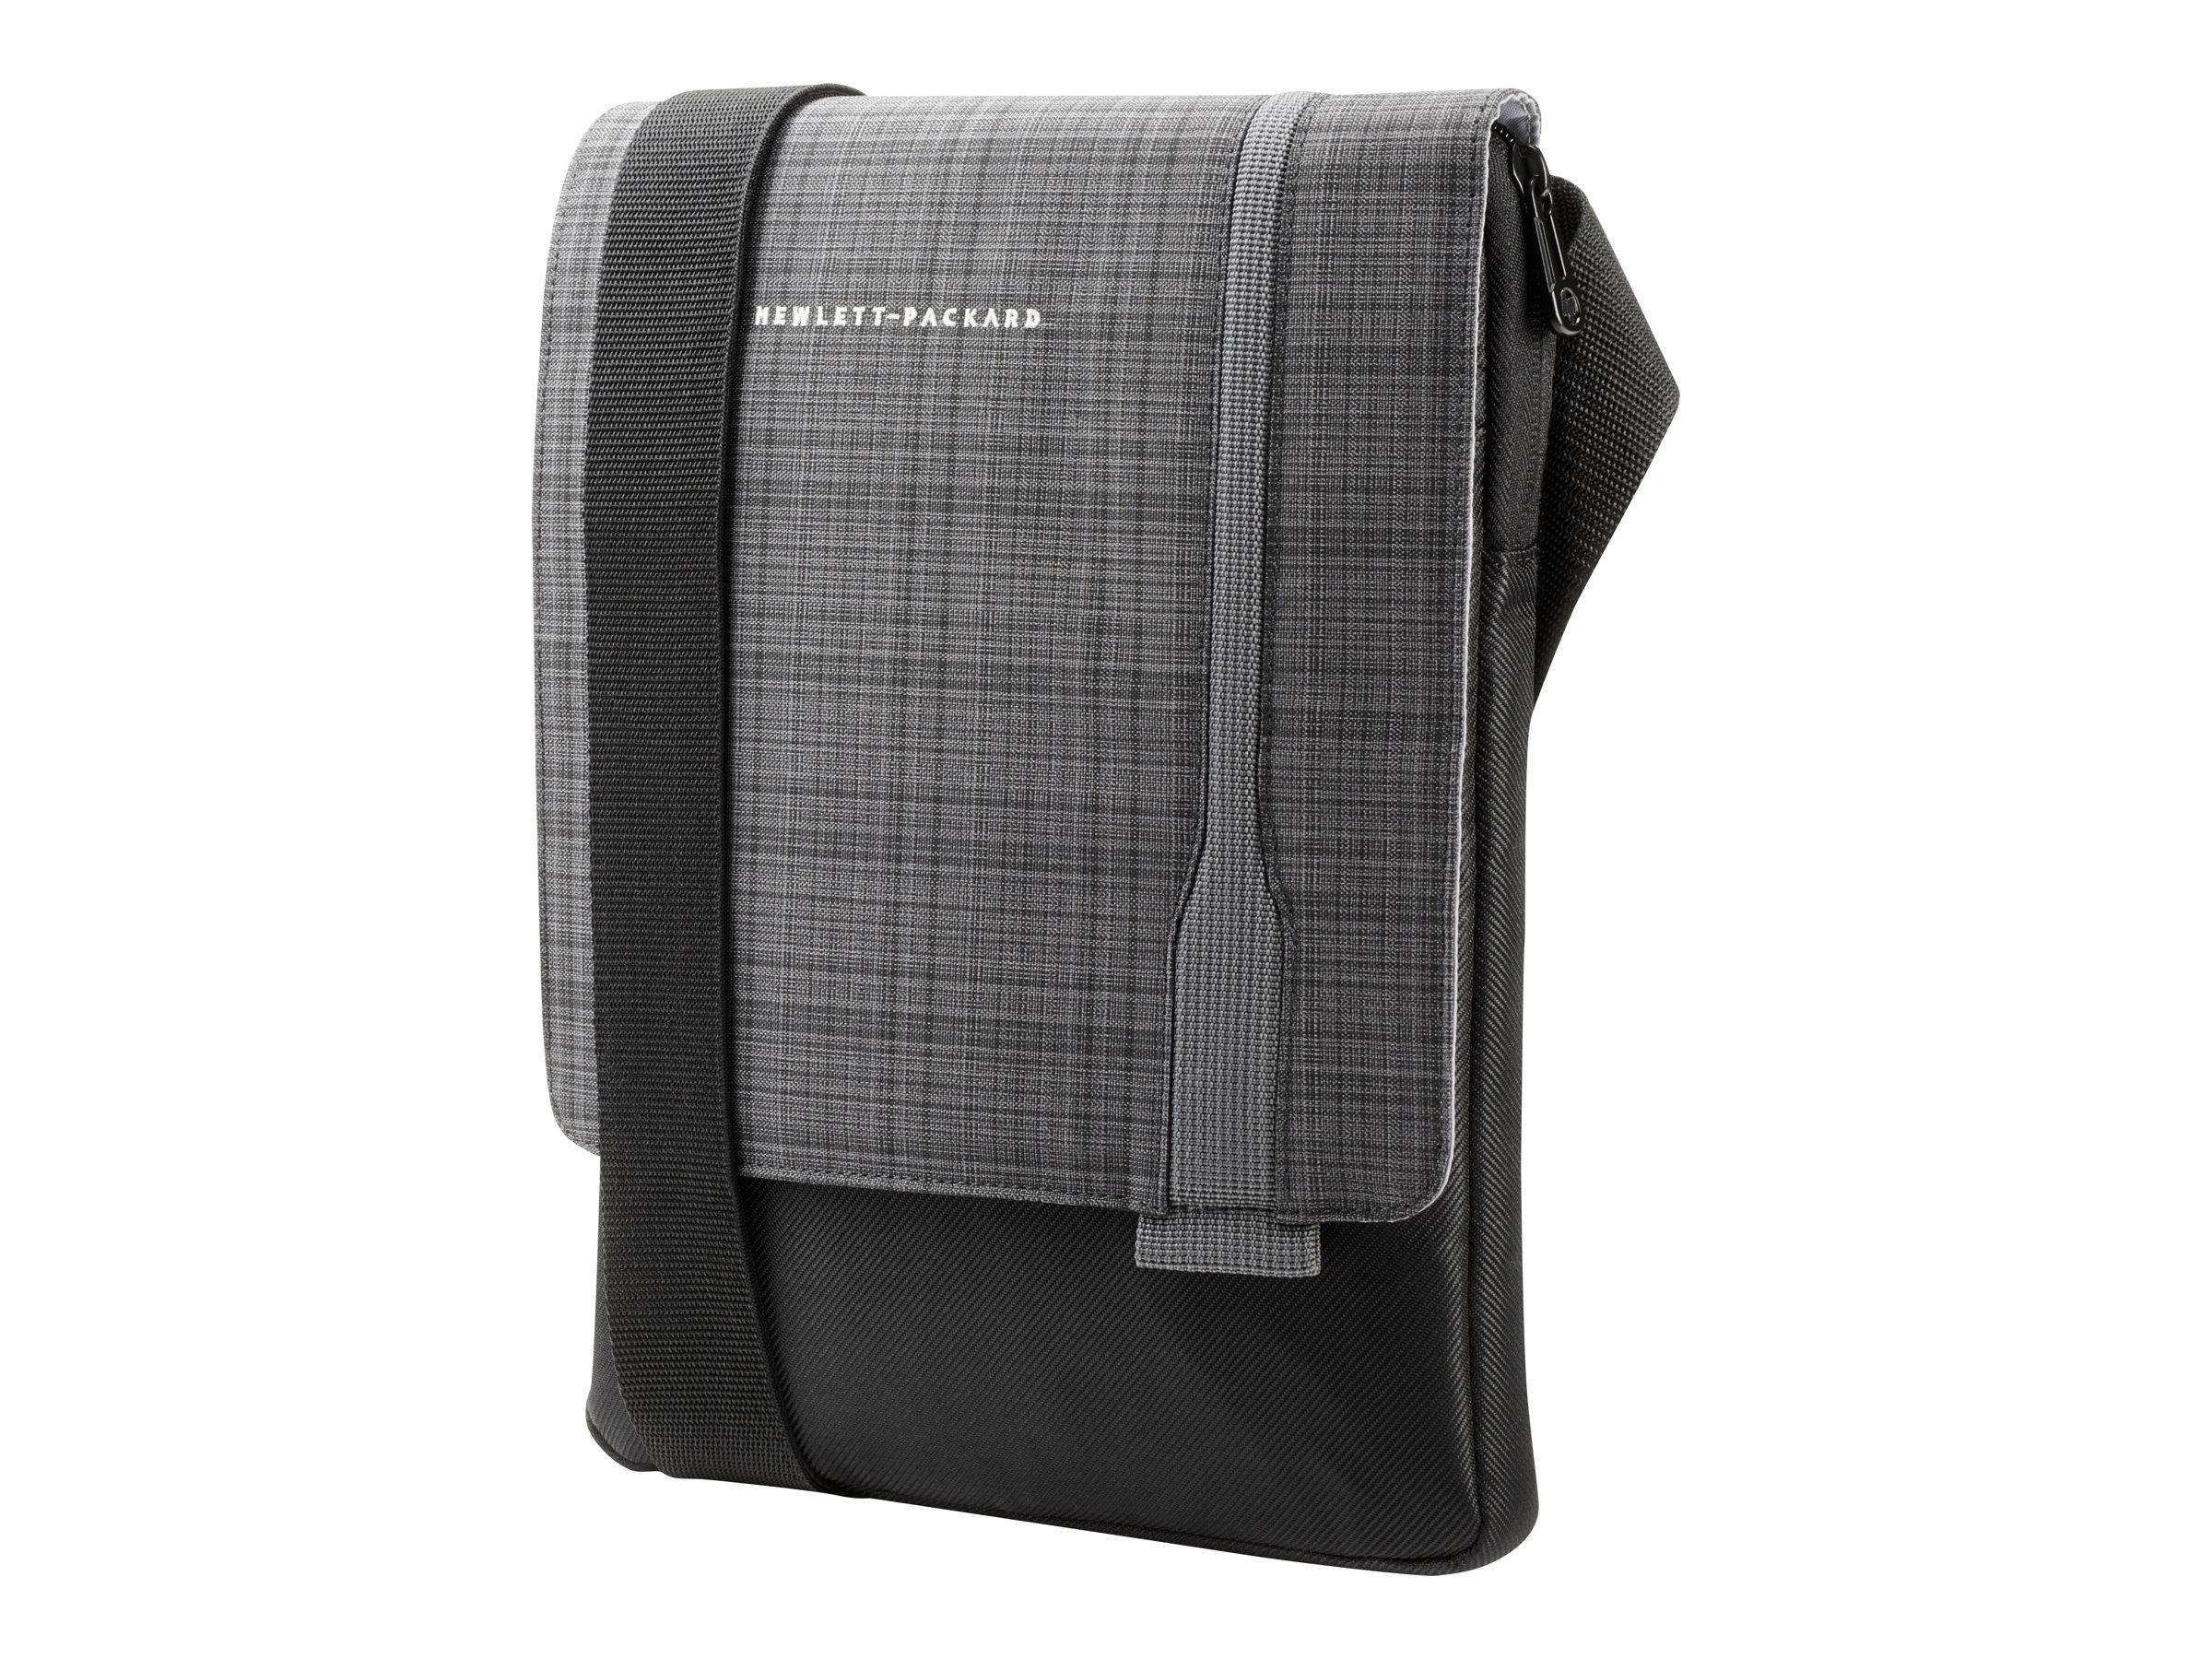 HP UltraSlim Tablet Sling - Tragetasche für Tablet - für Elite x2; EliteBook Folio 1020 G1, G1; EliteBook x360; Pro Tablet 608 G